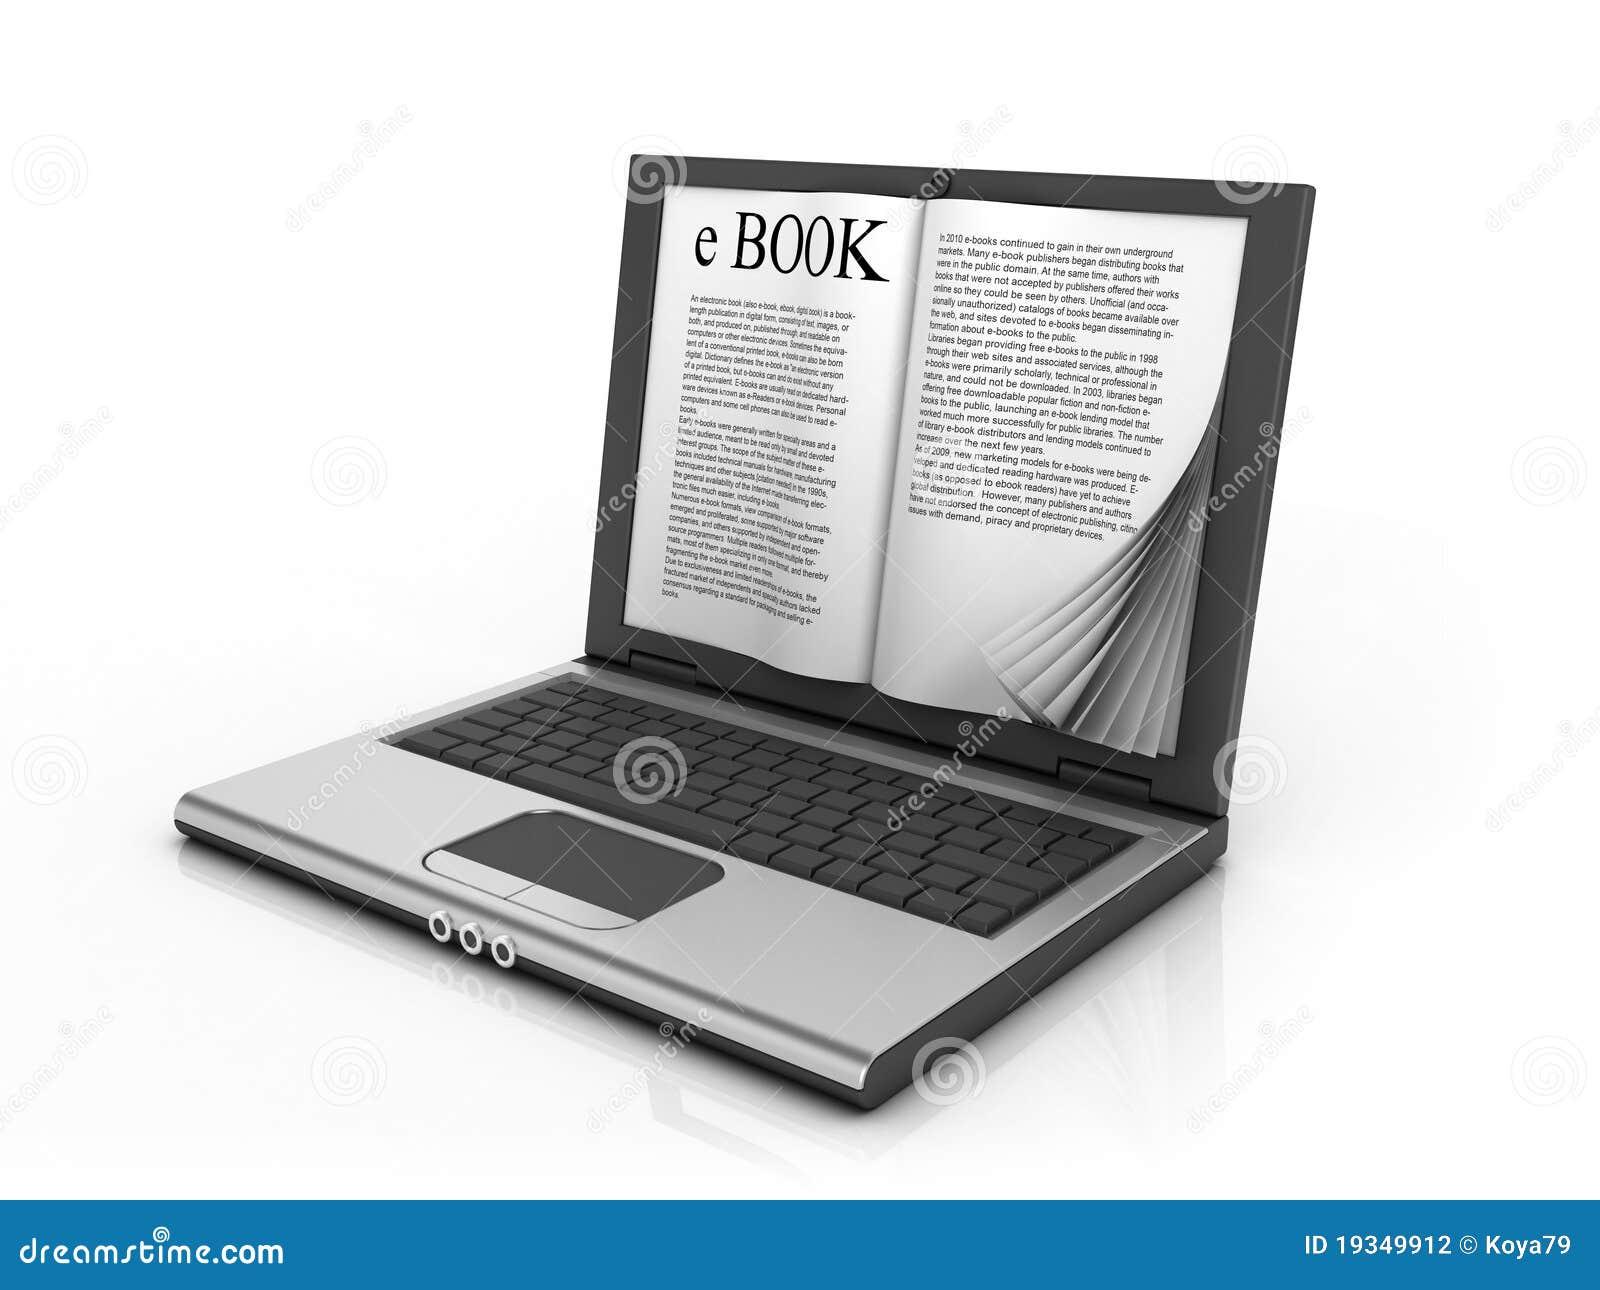 E-book 3d Concept Stock Photography - Image: 19349912